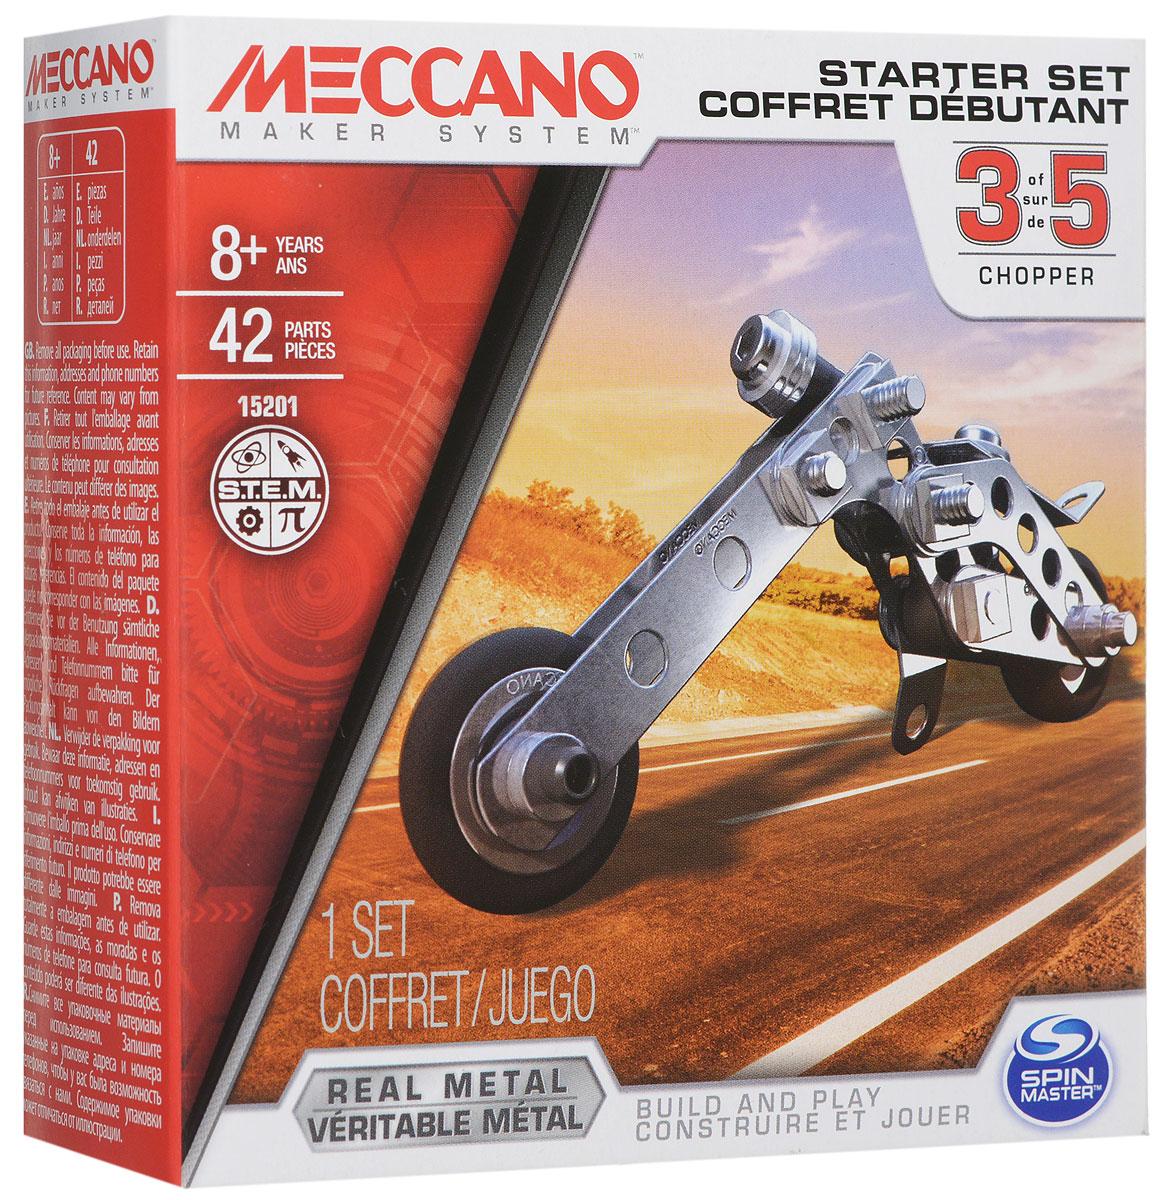 Meccano Конструктор Базовая модель 391783_20070932Конструктор Meccano Базовая модель 3 позволит вашему ребенку весело и с пользой провести время. Базовые наборы созданы для ознакомления с принципами сборки конструкторов Meccano. Набор включает в себя 42 элемента из металла, пластика и резины, с помощью которых можно собрать модель в виде мотоцикла. В набор также входят все необходимые для сборки инструменты и схематичная инструкция. Конструктор Meccano Базовая модель 3 поможет ребенку развить мелкую моторику рук, координацию движений и усидчивость.